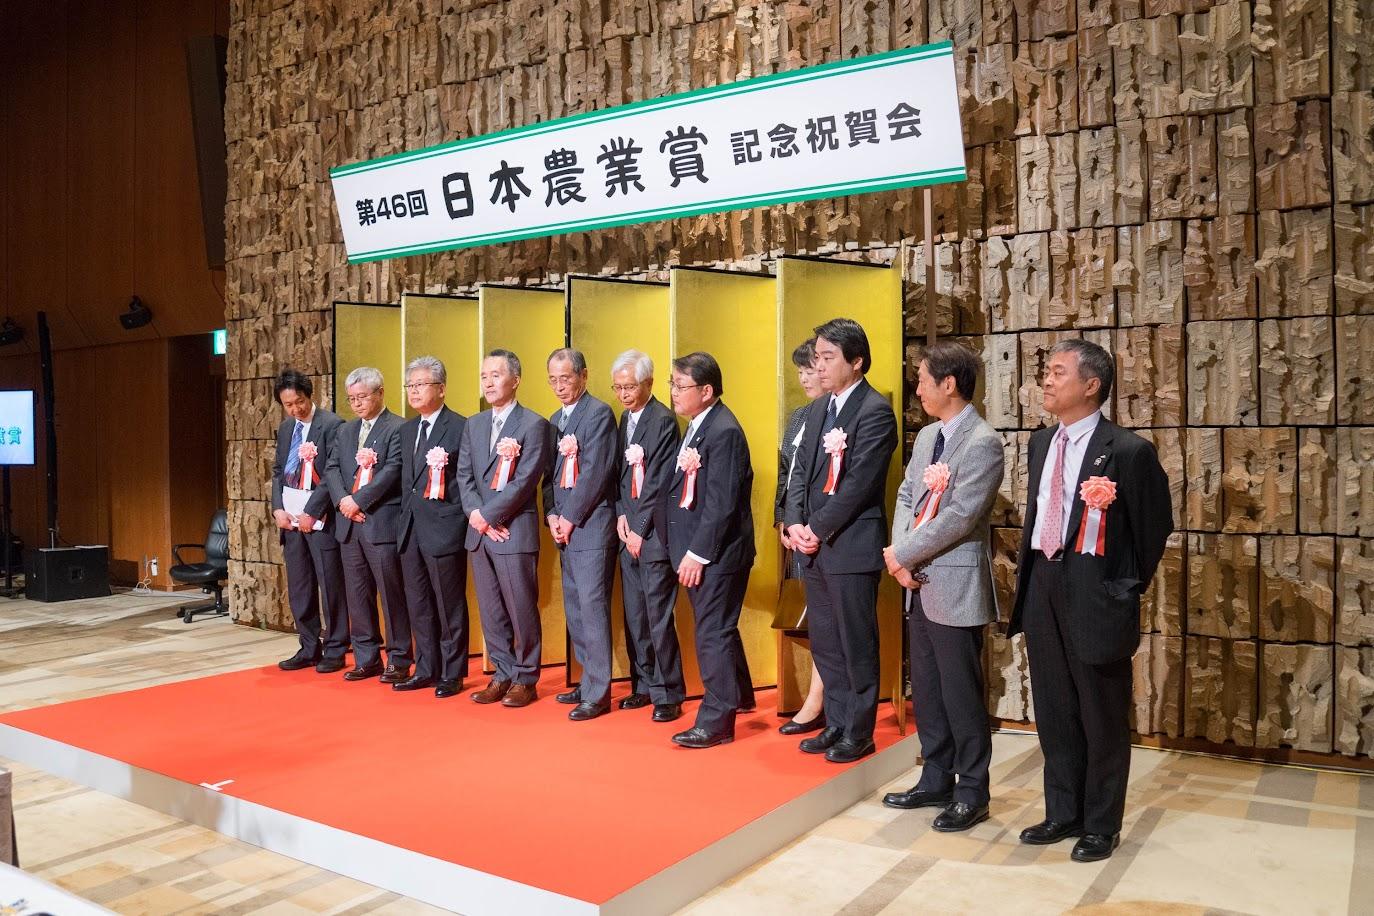 第46回日本農業賞・中央審査会委員の皆様